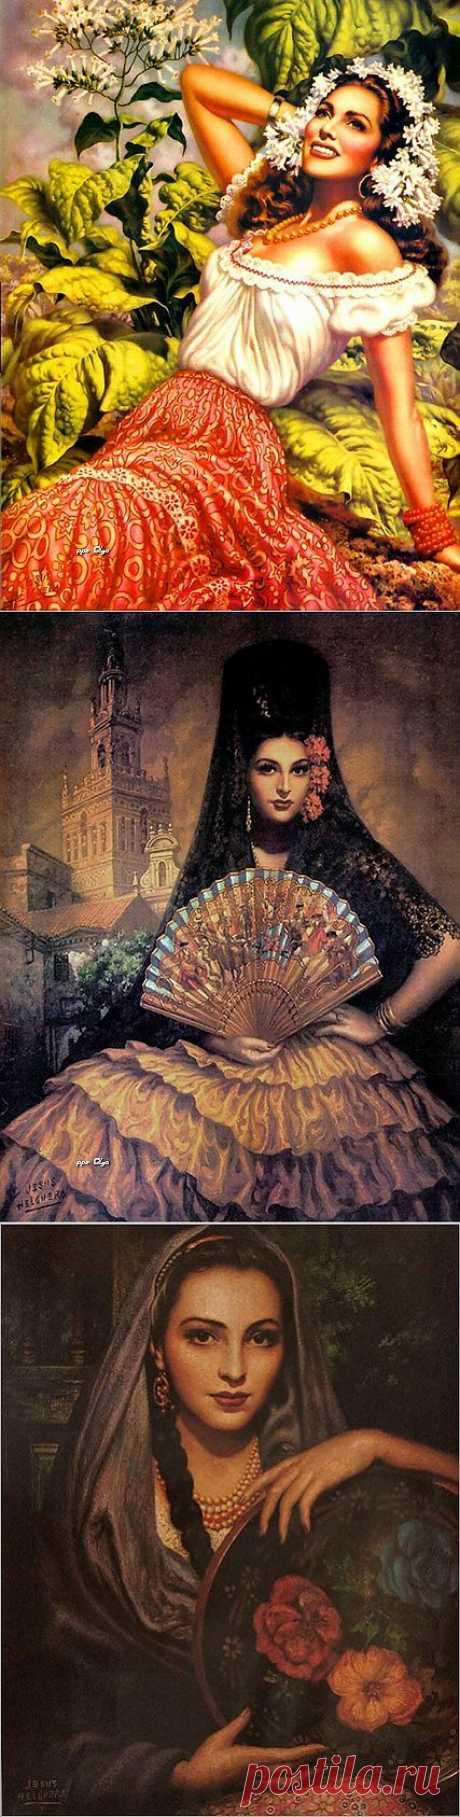 Картины мексиканского художника Jesus Helguera. ДЕВУШКИ.